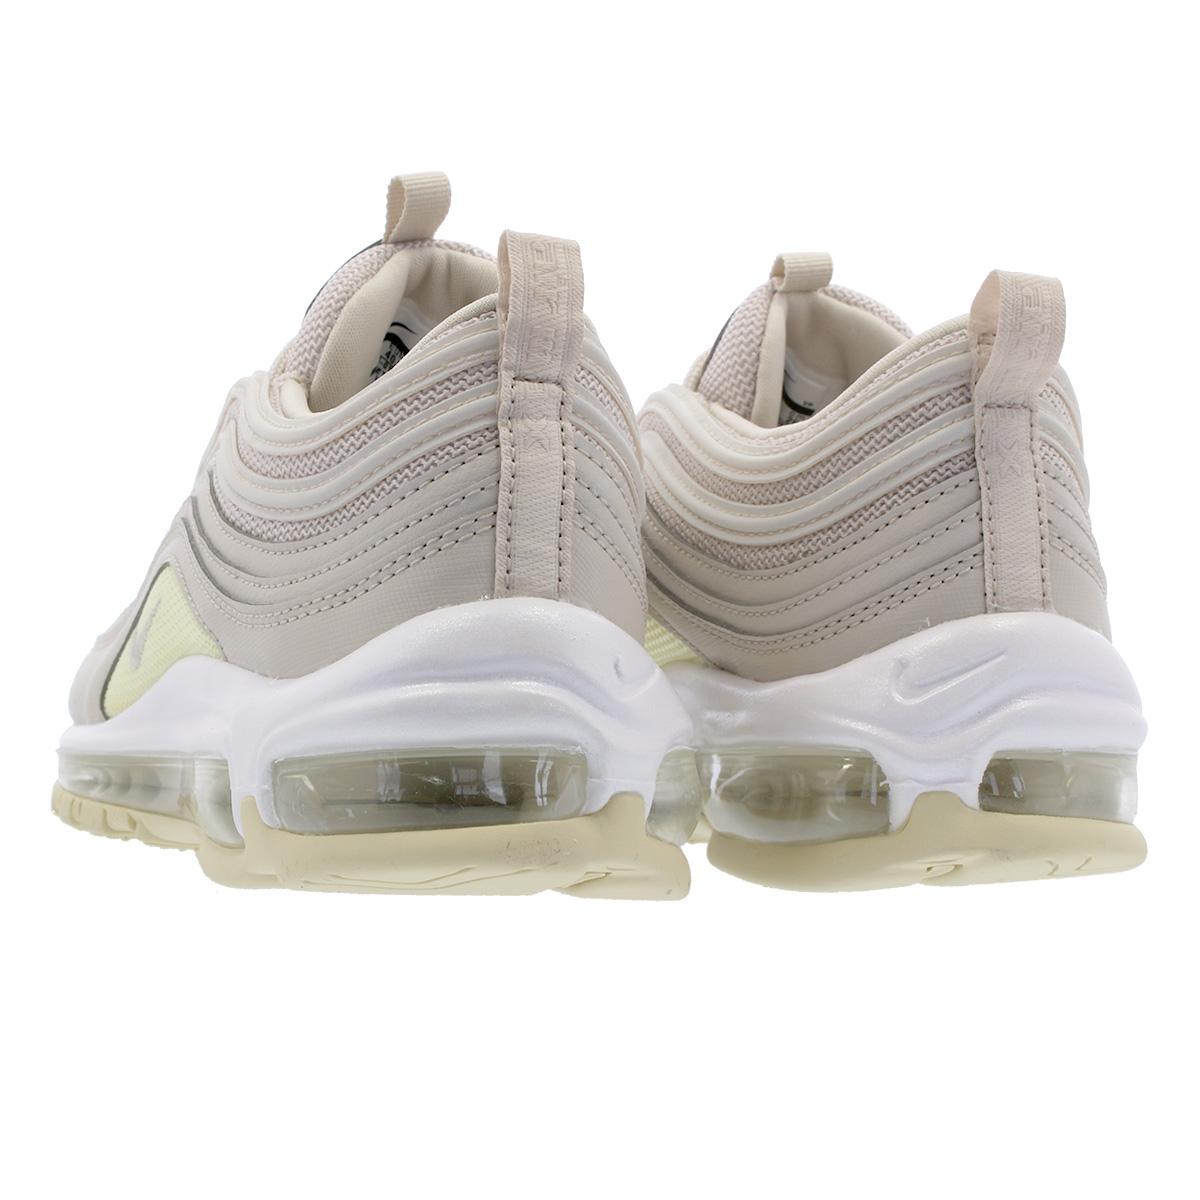 4e67405a01fee6 NIKE WMNS AIR MAX 97 Nike women Air Max 97 DESERT SAND BEACH WHITE  921